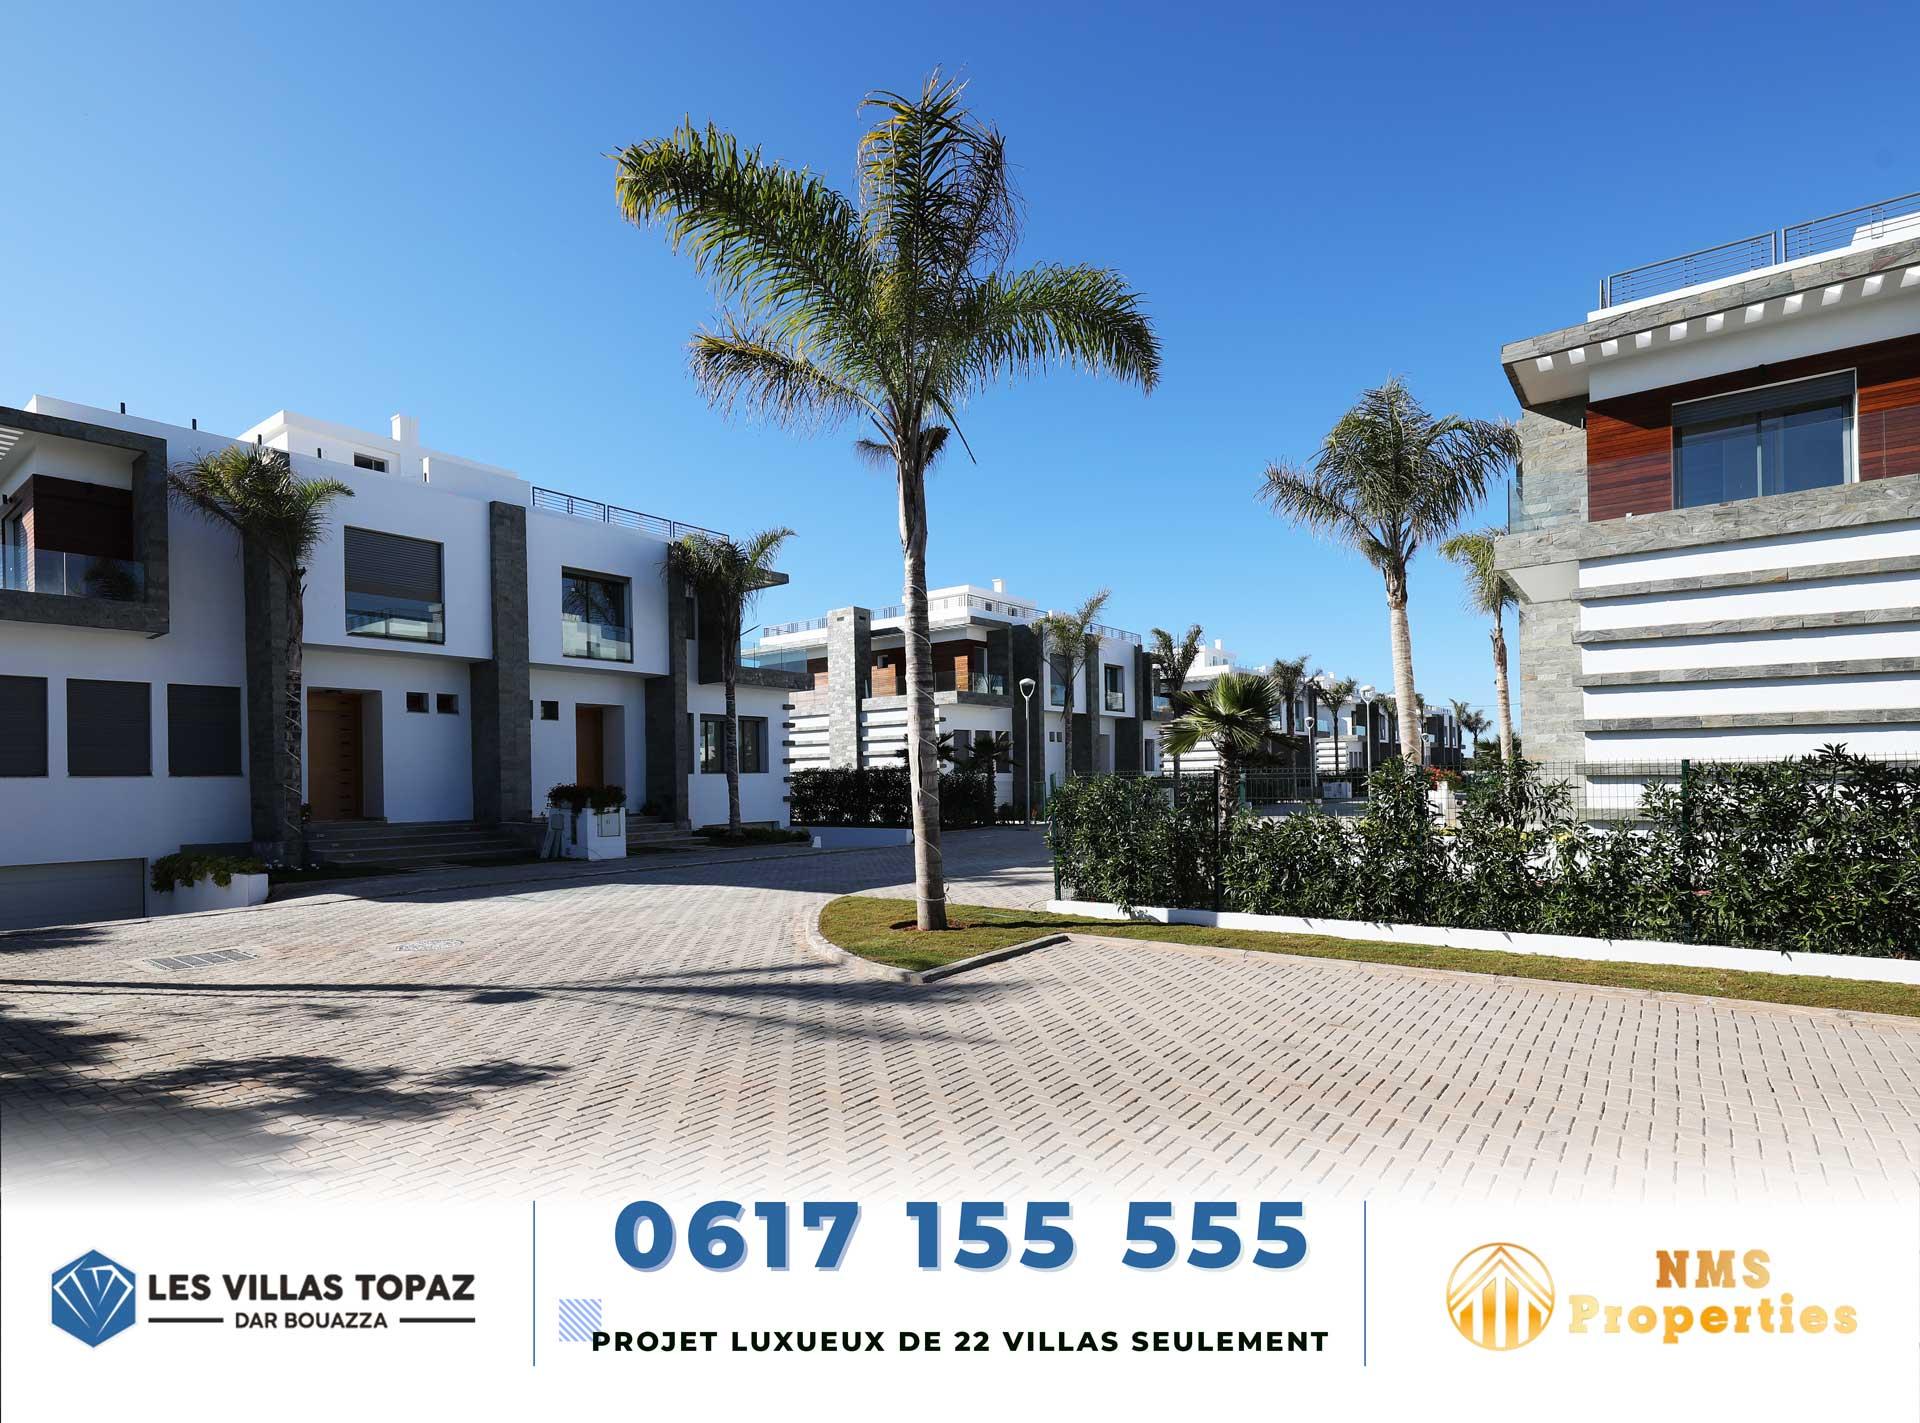 iCom-Agence-de-Communication-au-Maroc-Casablanca-creation-audiovisuelle-et-production-video-nms-villas-topaz2020-05-24 at 3.49.58 PM 15